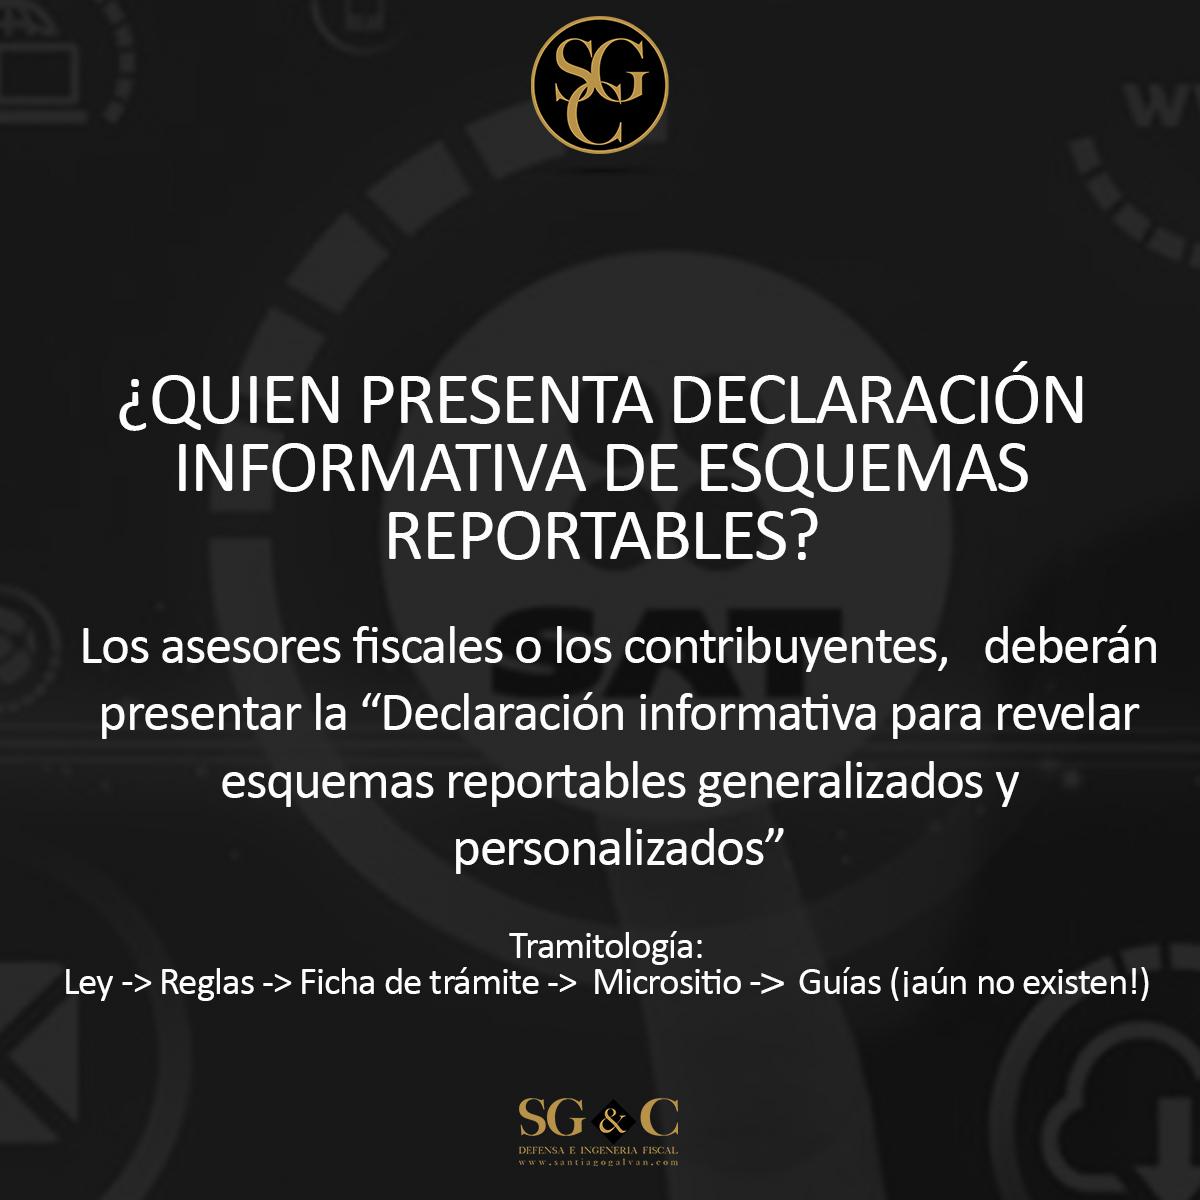 ¿QUIEN PRESENTA DECLARACIÓN INFORMATIVA DE ESQUEMAS REPORTABLES?